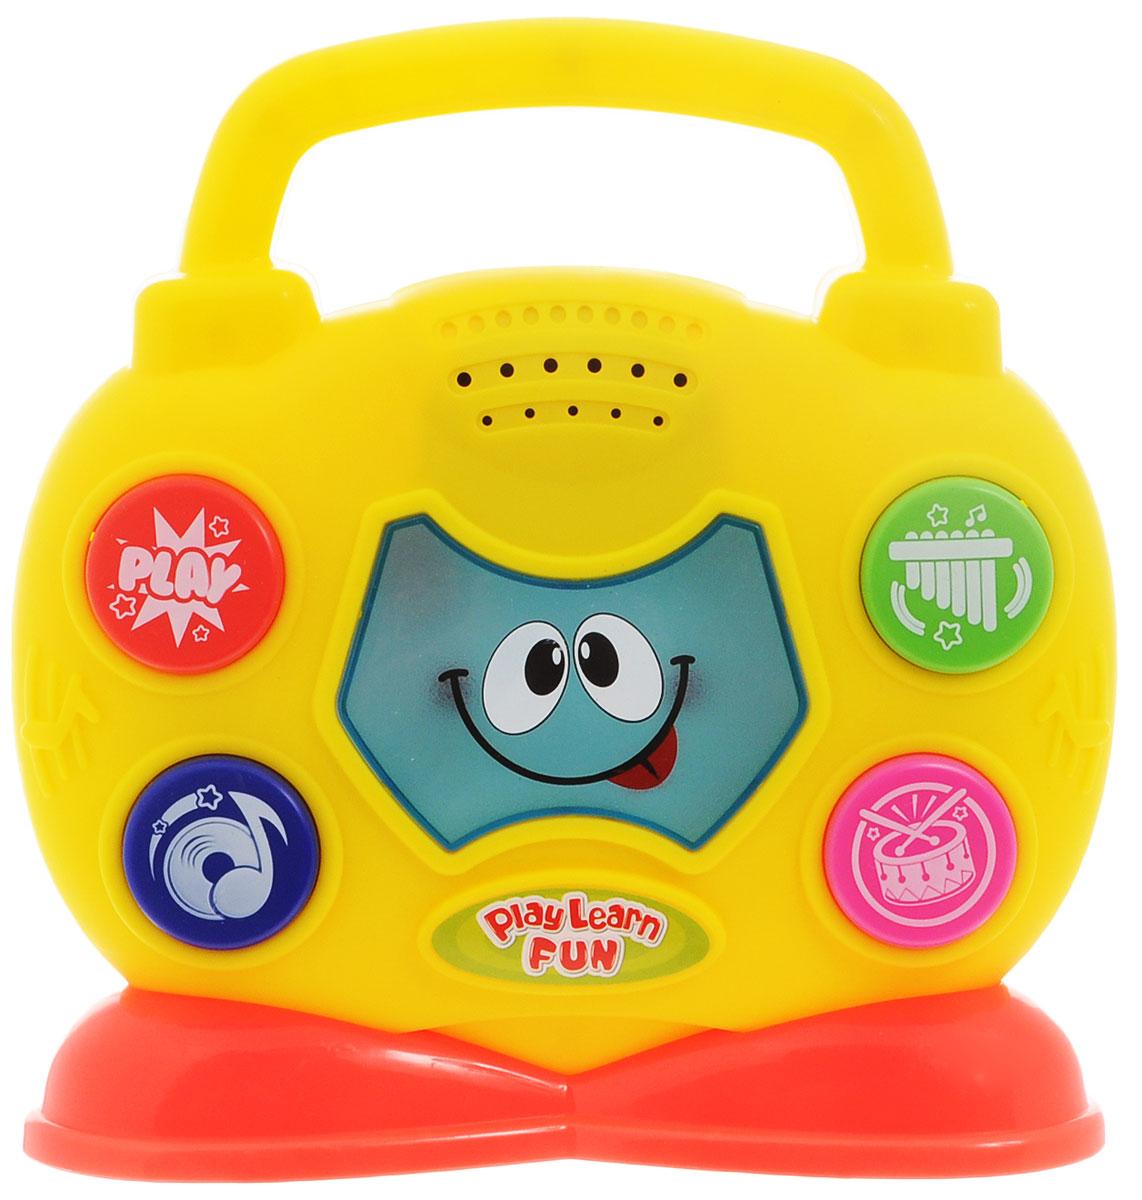 Keenway Развивающая игрушка Музыкальный бумбокс паровозик веселый keenway с паззлами